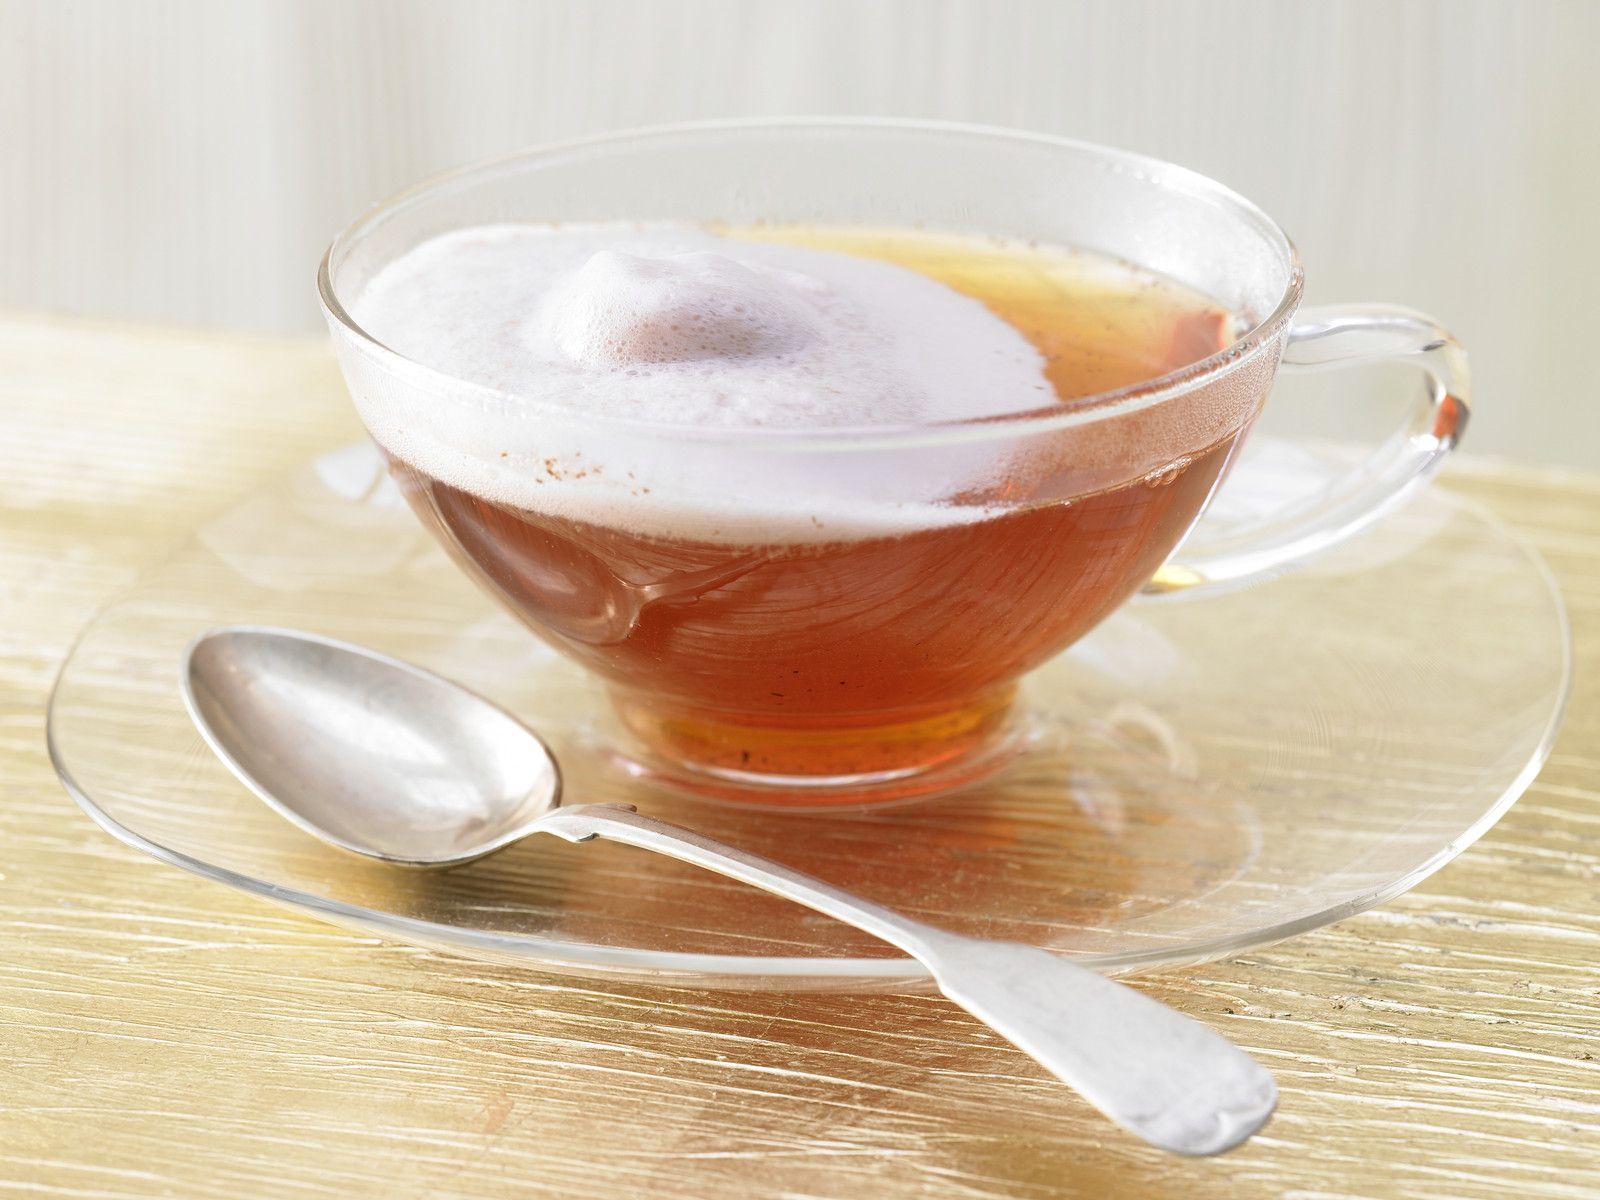 Groß Beste Küche Tee Rezepte Galerie - Ideen Für Die Küche ...